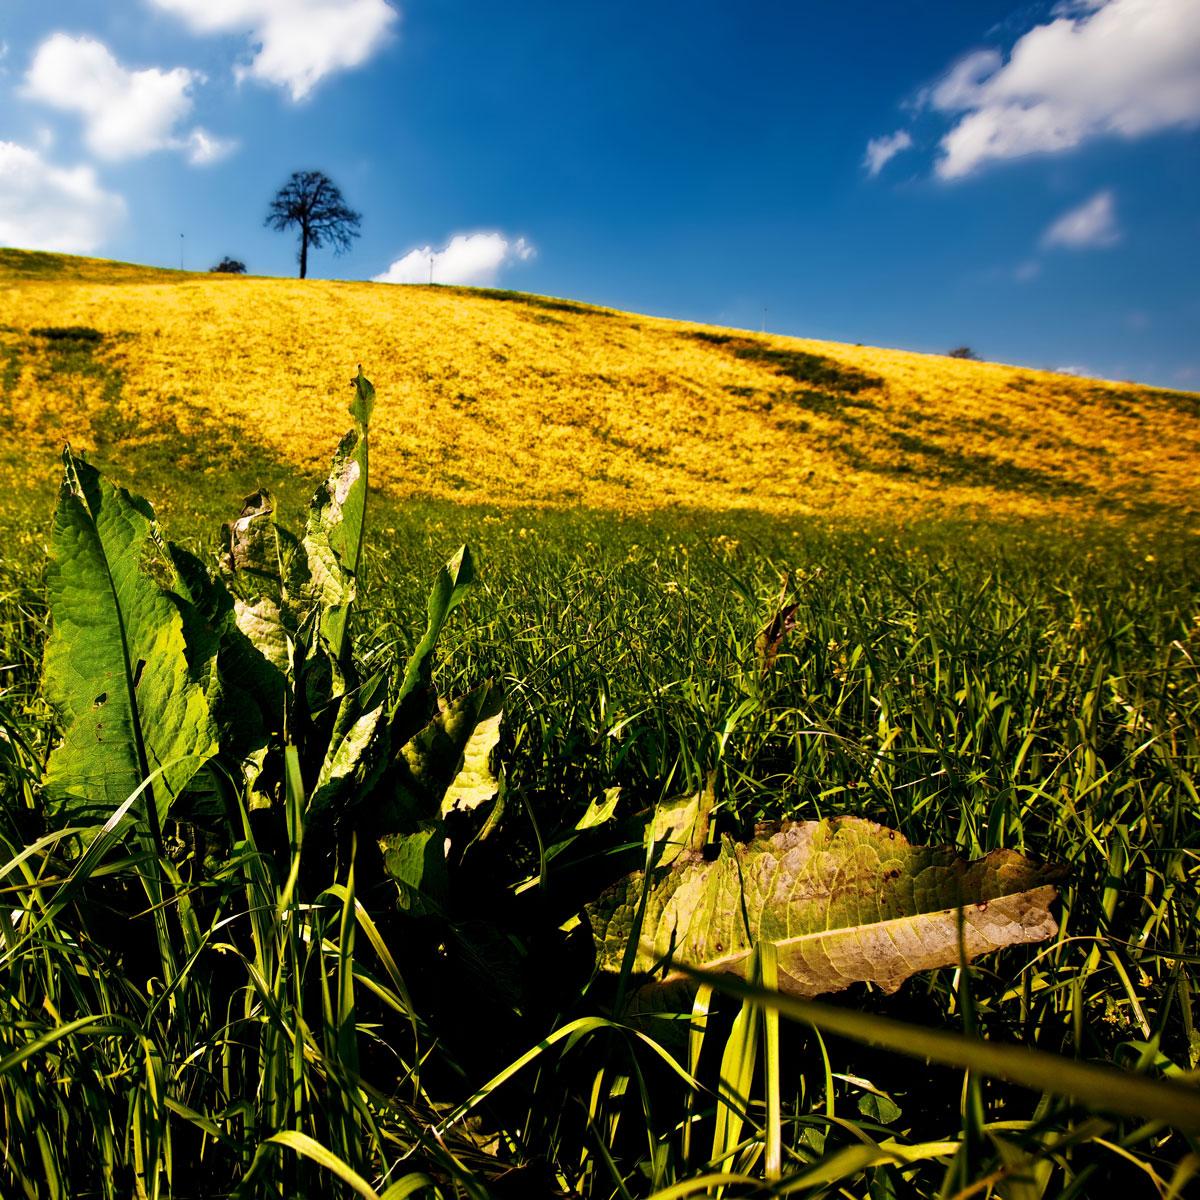 paesaggi-italia_033_SP